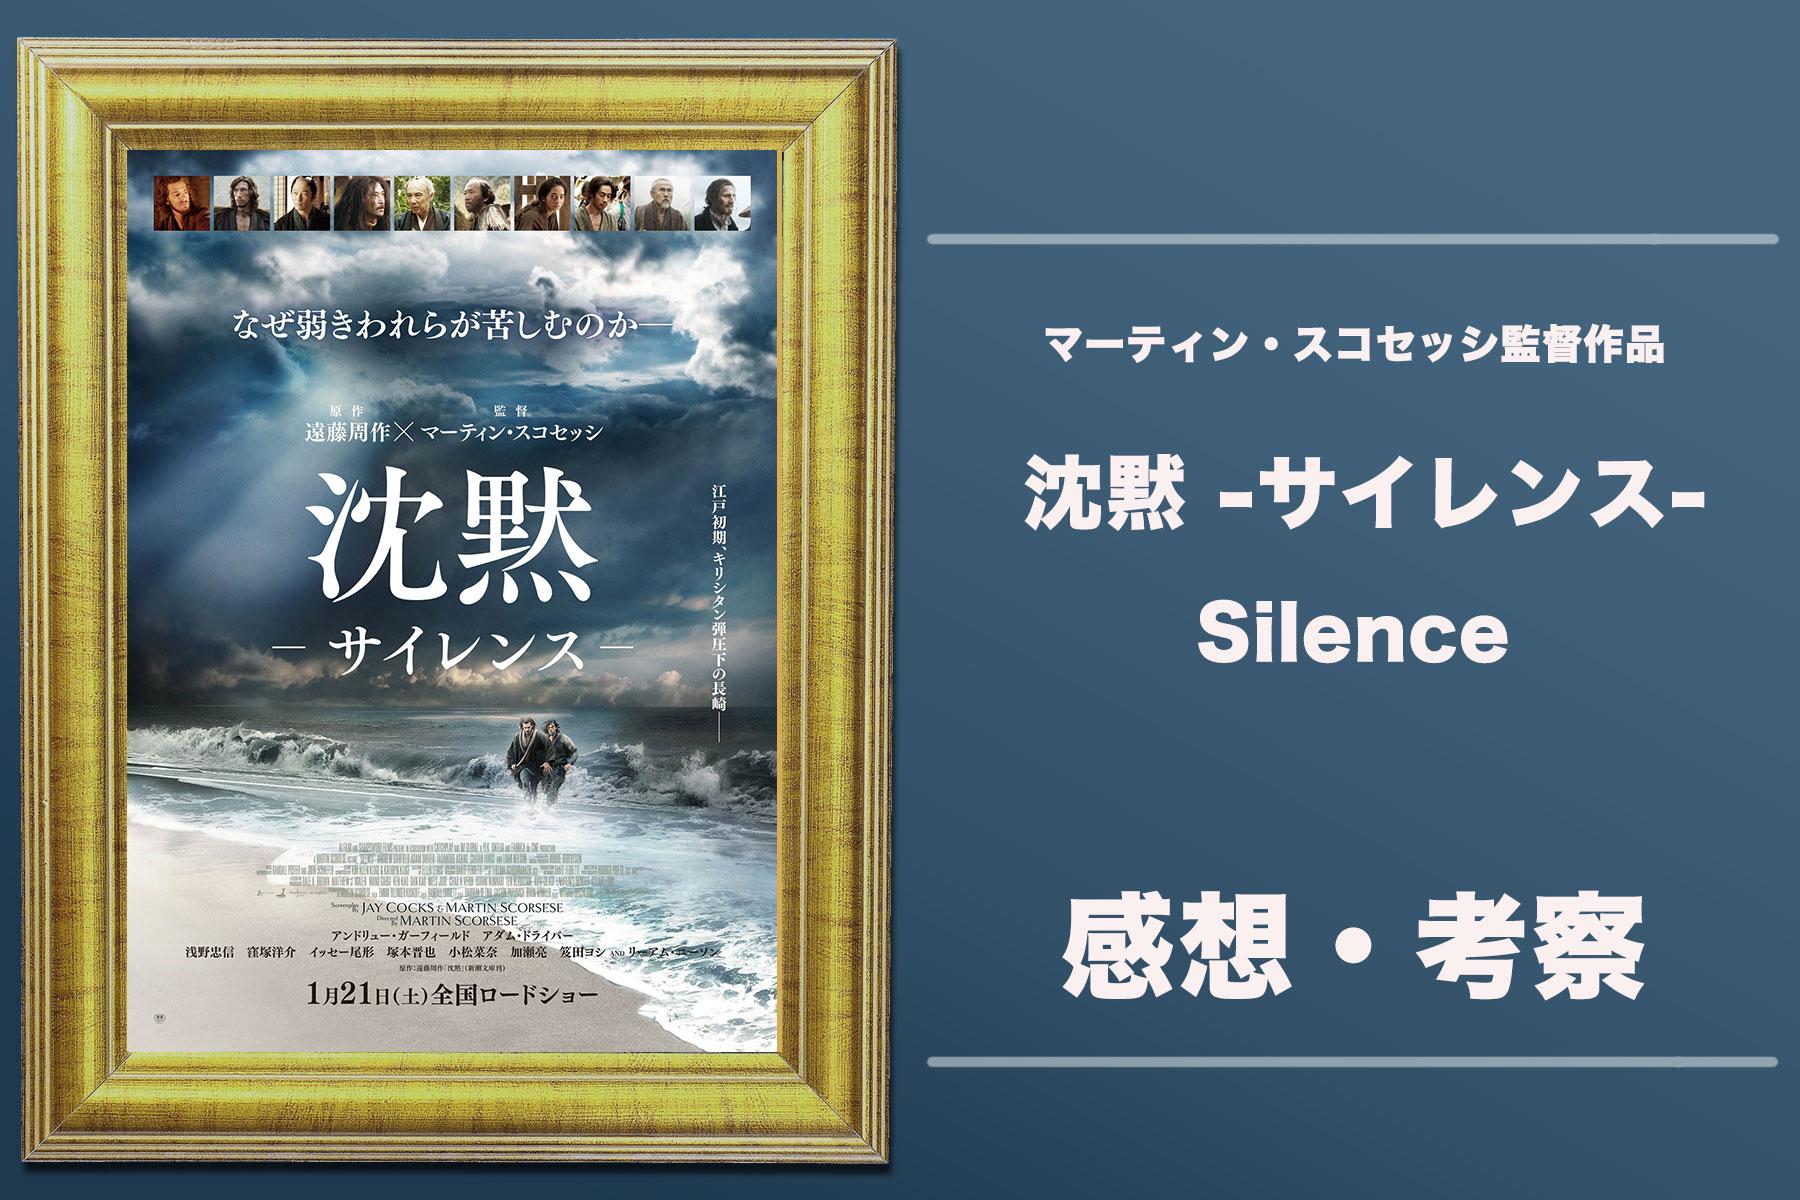 映画『沈黙 -サイレンス-』(2016)が怖い理由、海外の評価とは? 宗教 ...